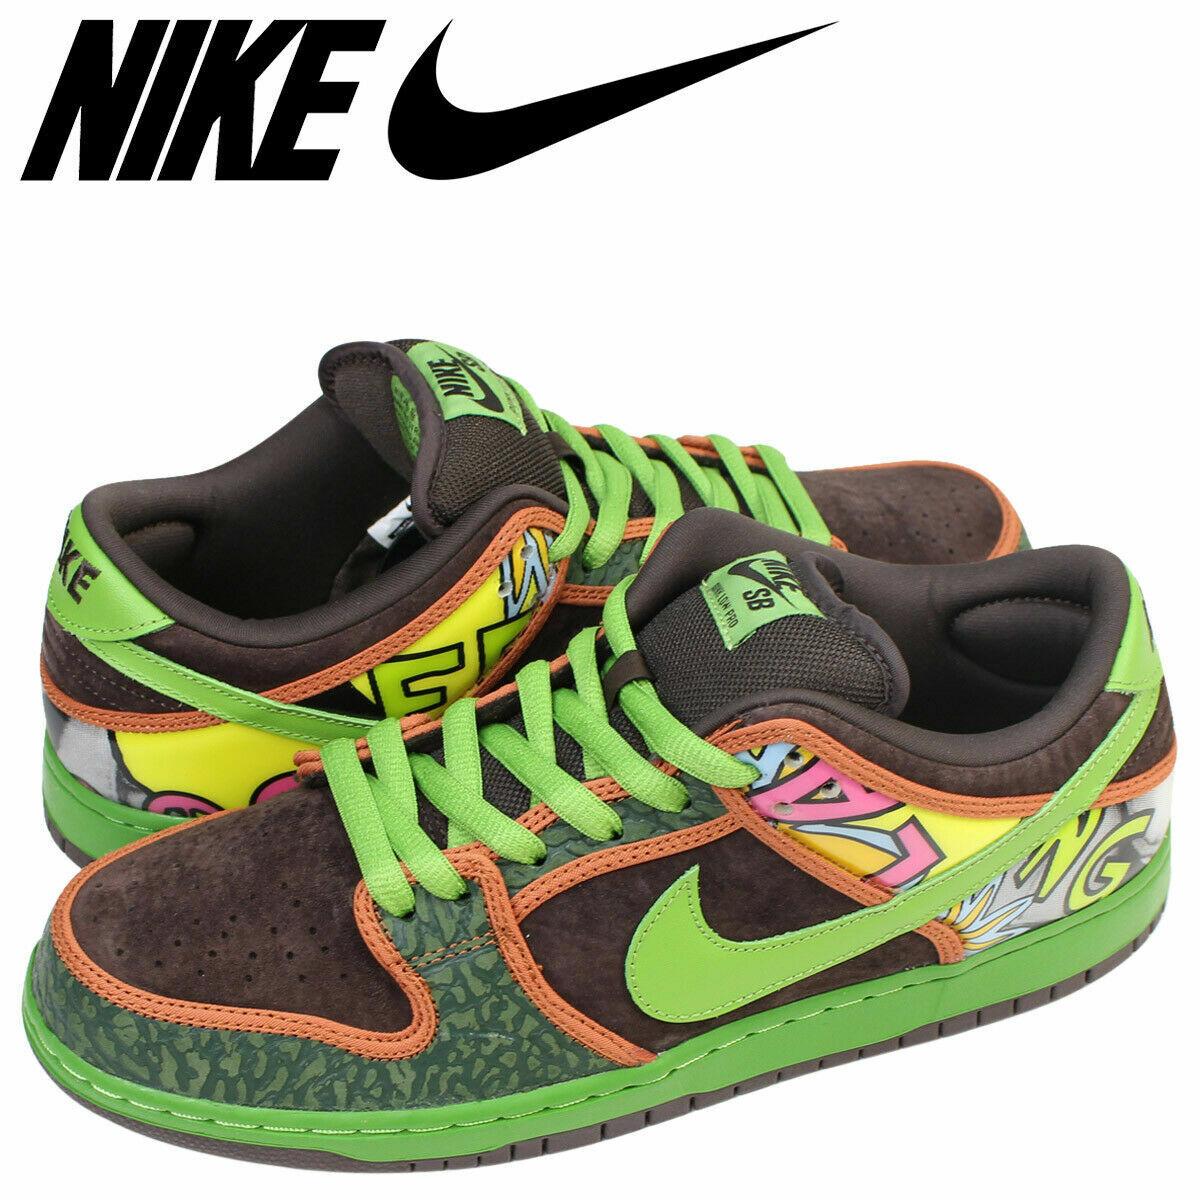 Nike SB Dunk Low PRM De La Soul QS Size